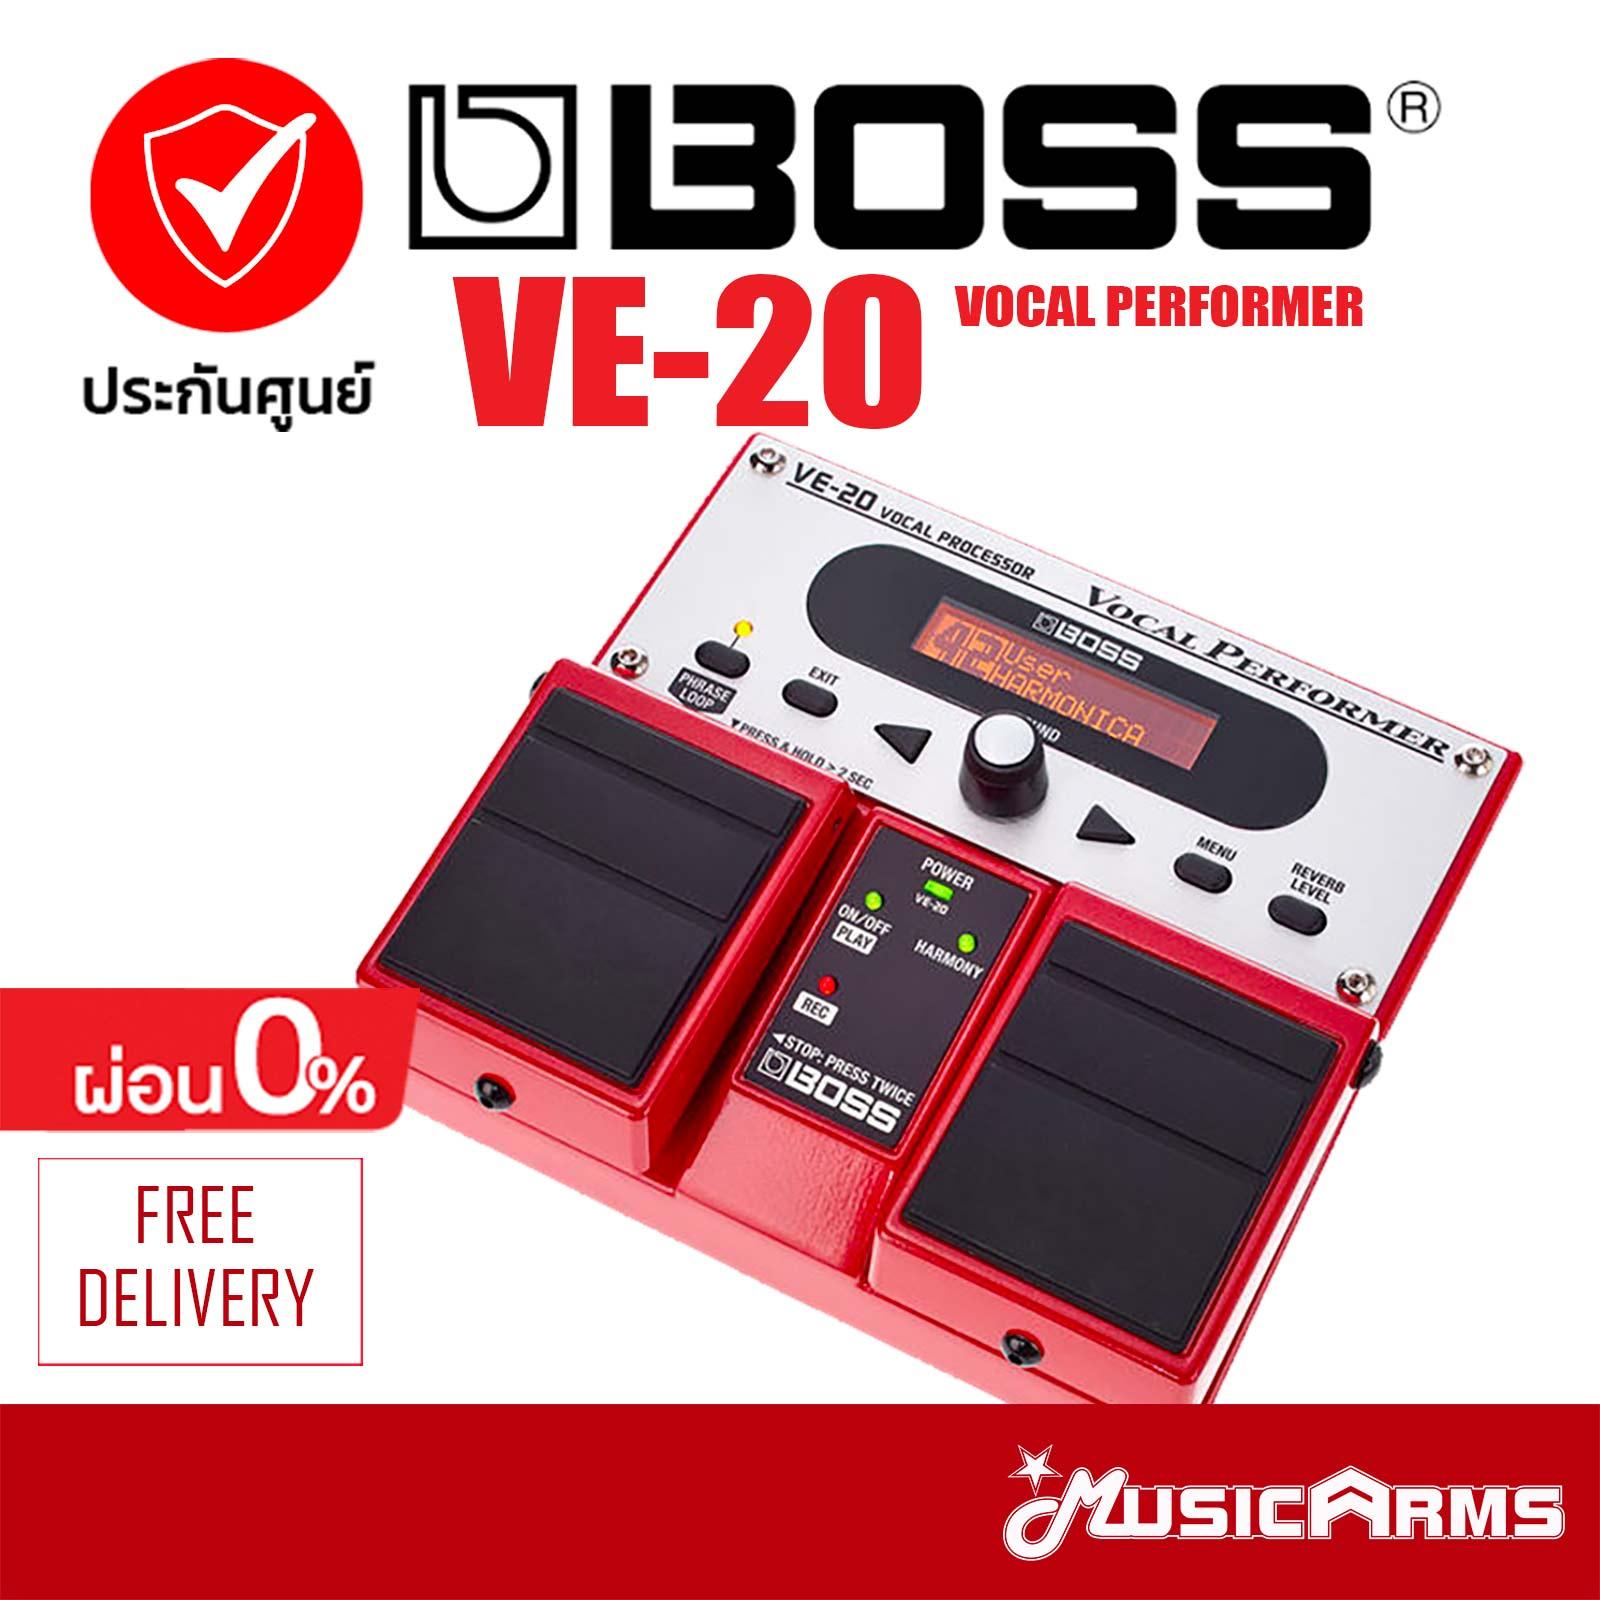 BOSS VE 20 VOCAL PERFORMER